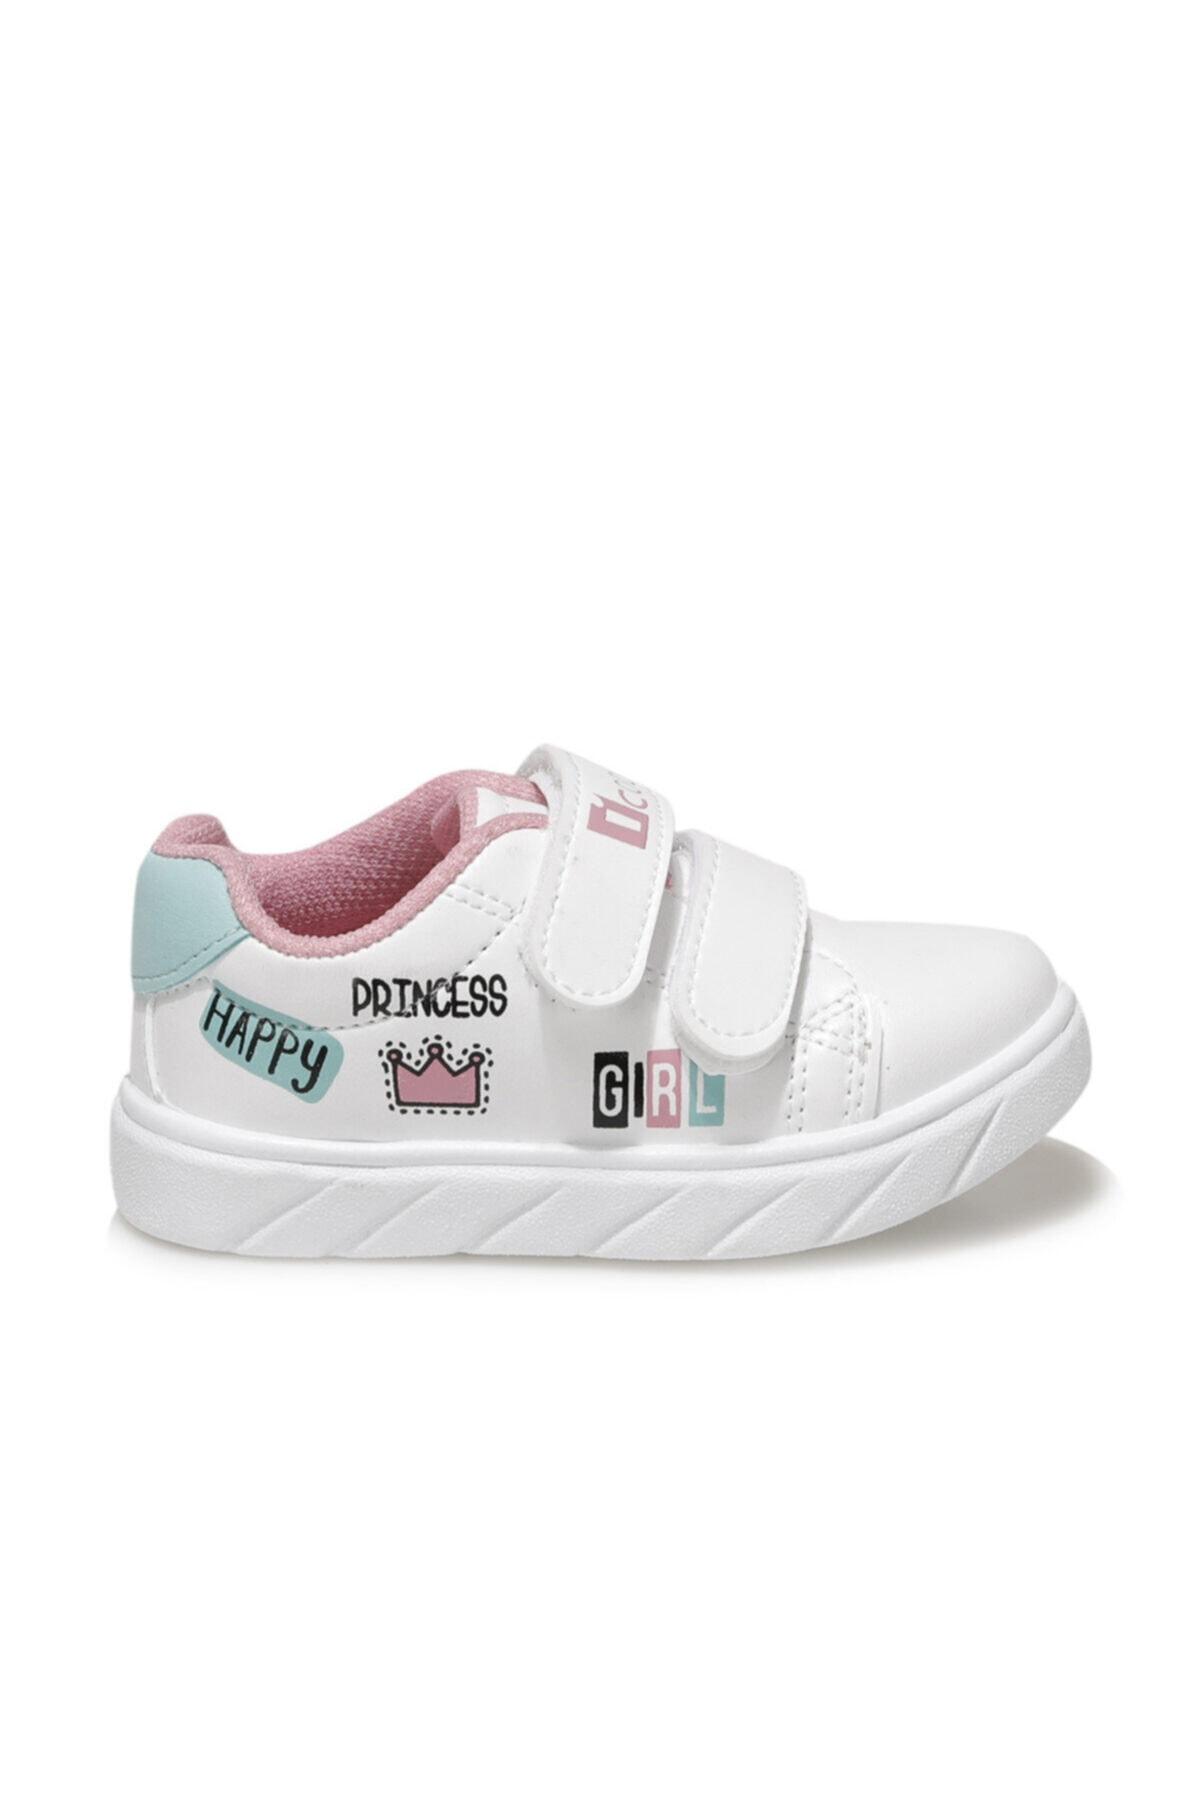 I COOL PRINCESS Beyaz Kız Çocuk Sneaker Ayakkabı 100664317 2